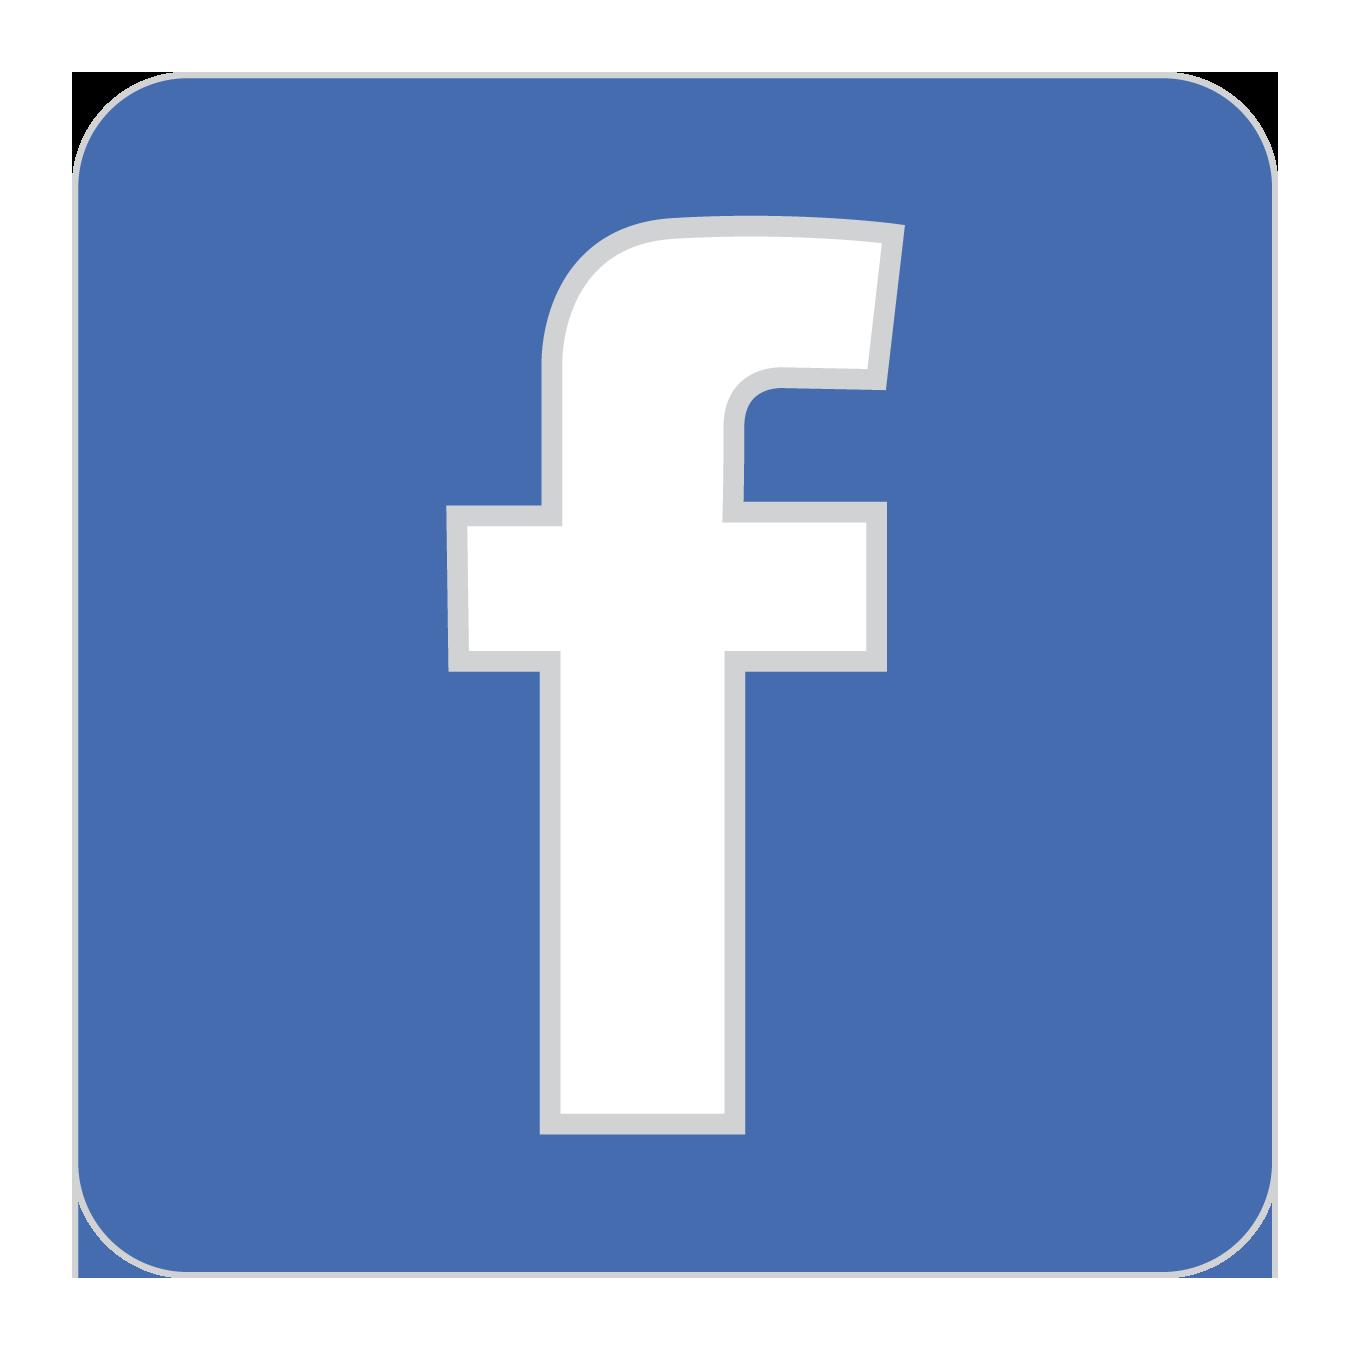 Image Facebook Icon Png Omori Wiki